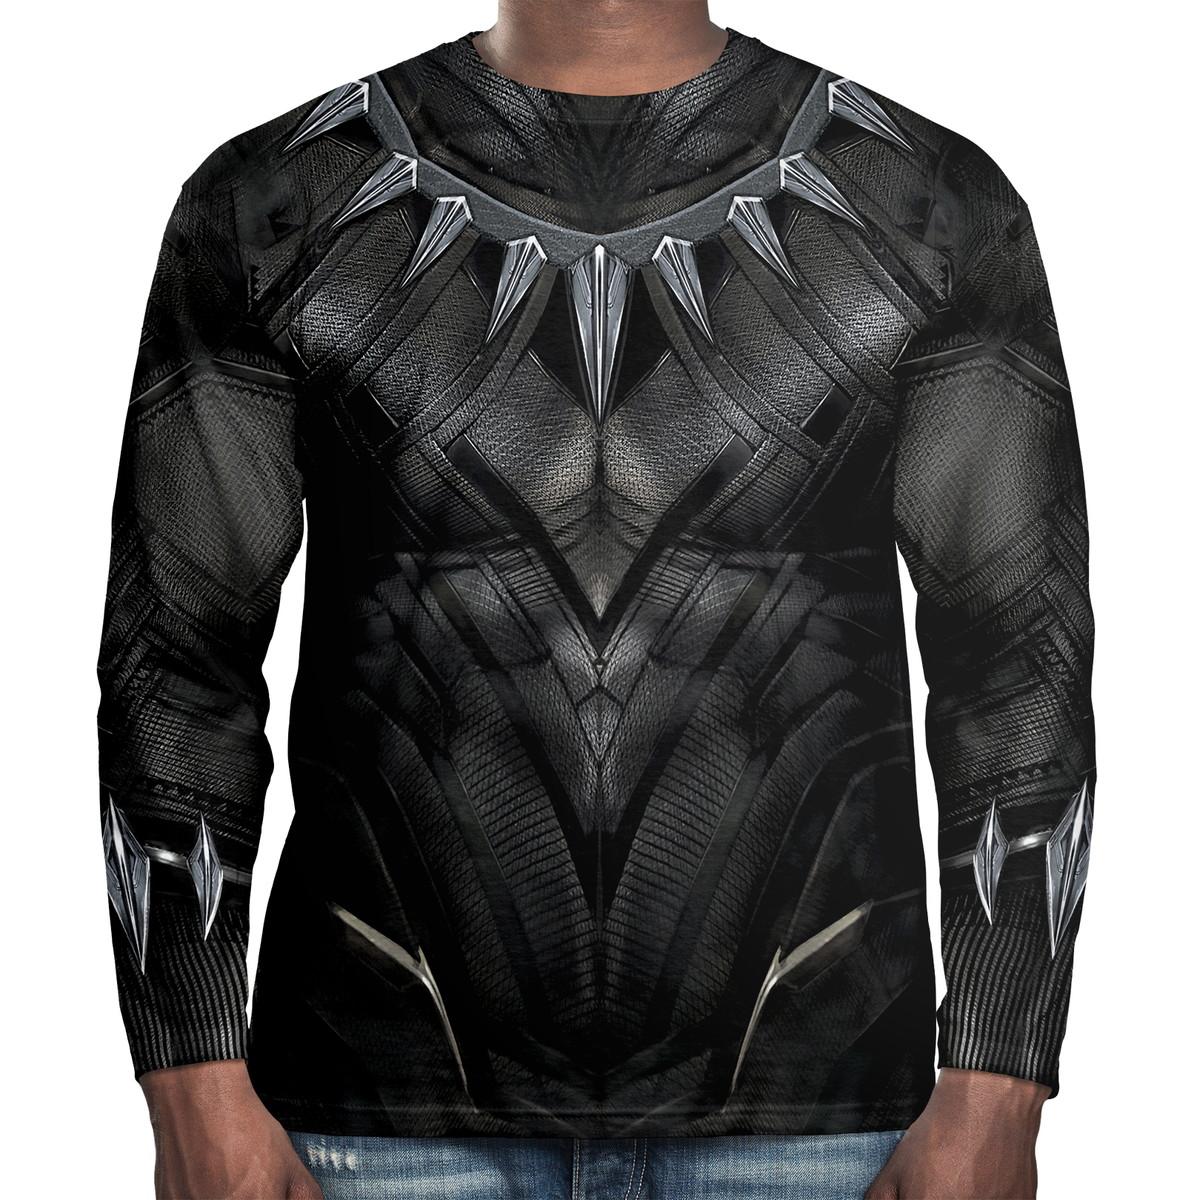 e141c8dfd4 Camiseta masculina manga longa pantera negra armadura no elo jpg 1200x1200 Camiseta  masculina manga comprida